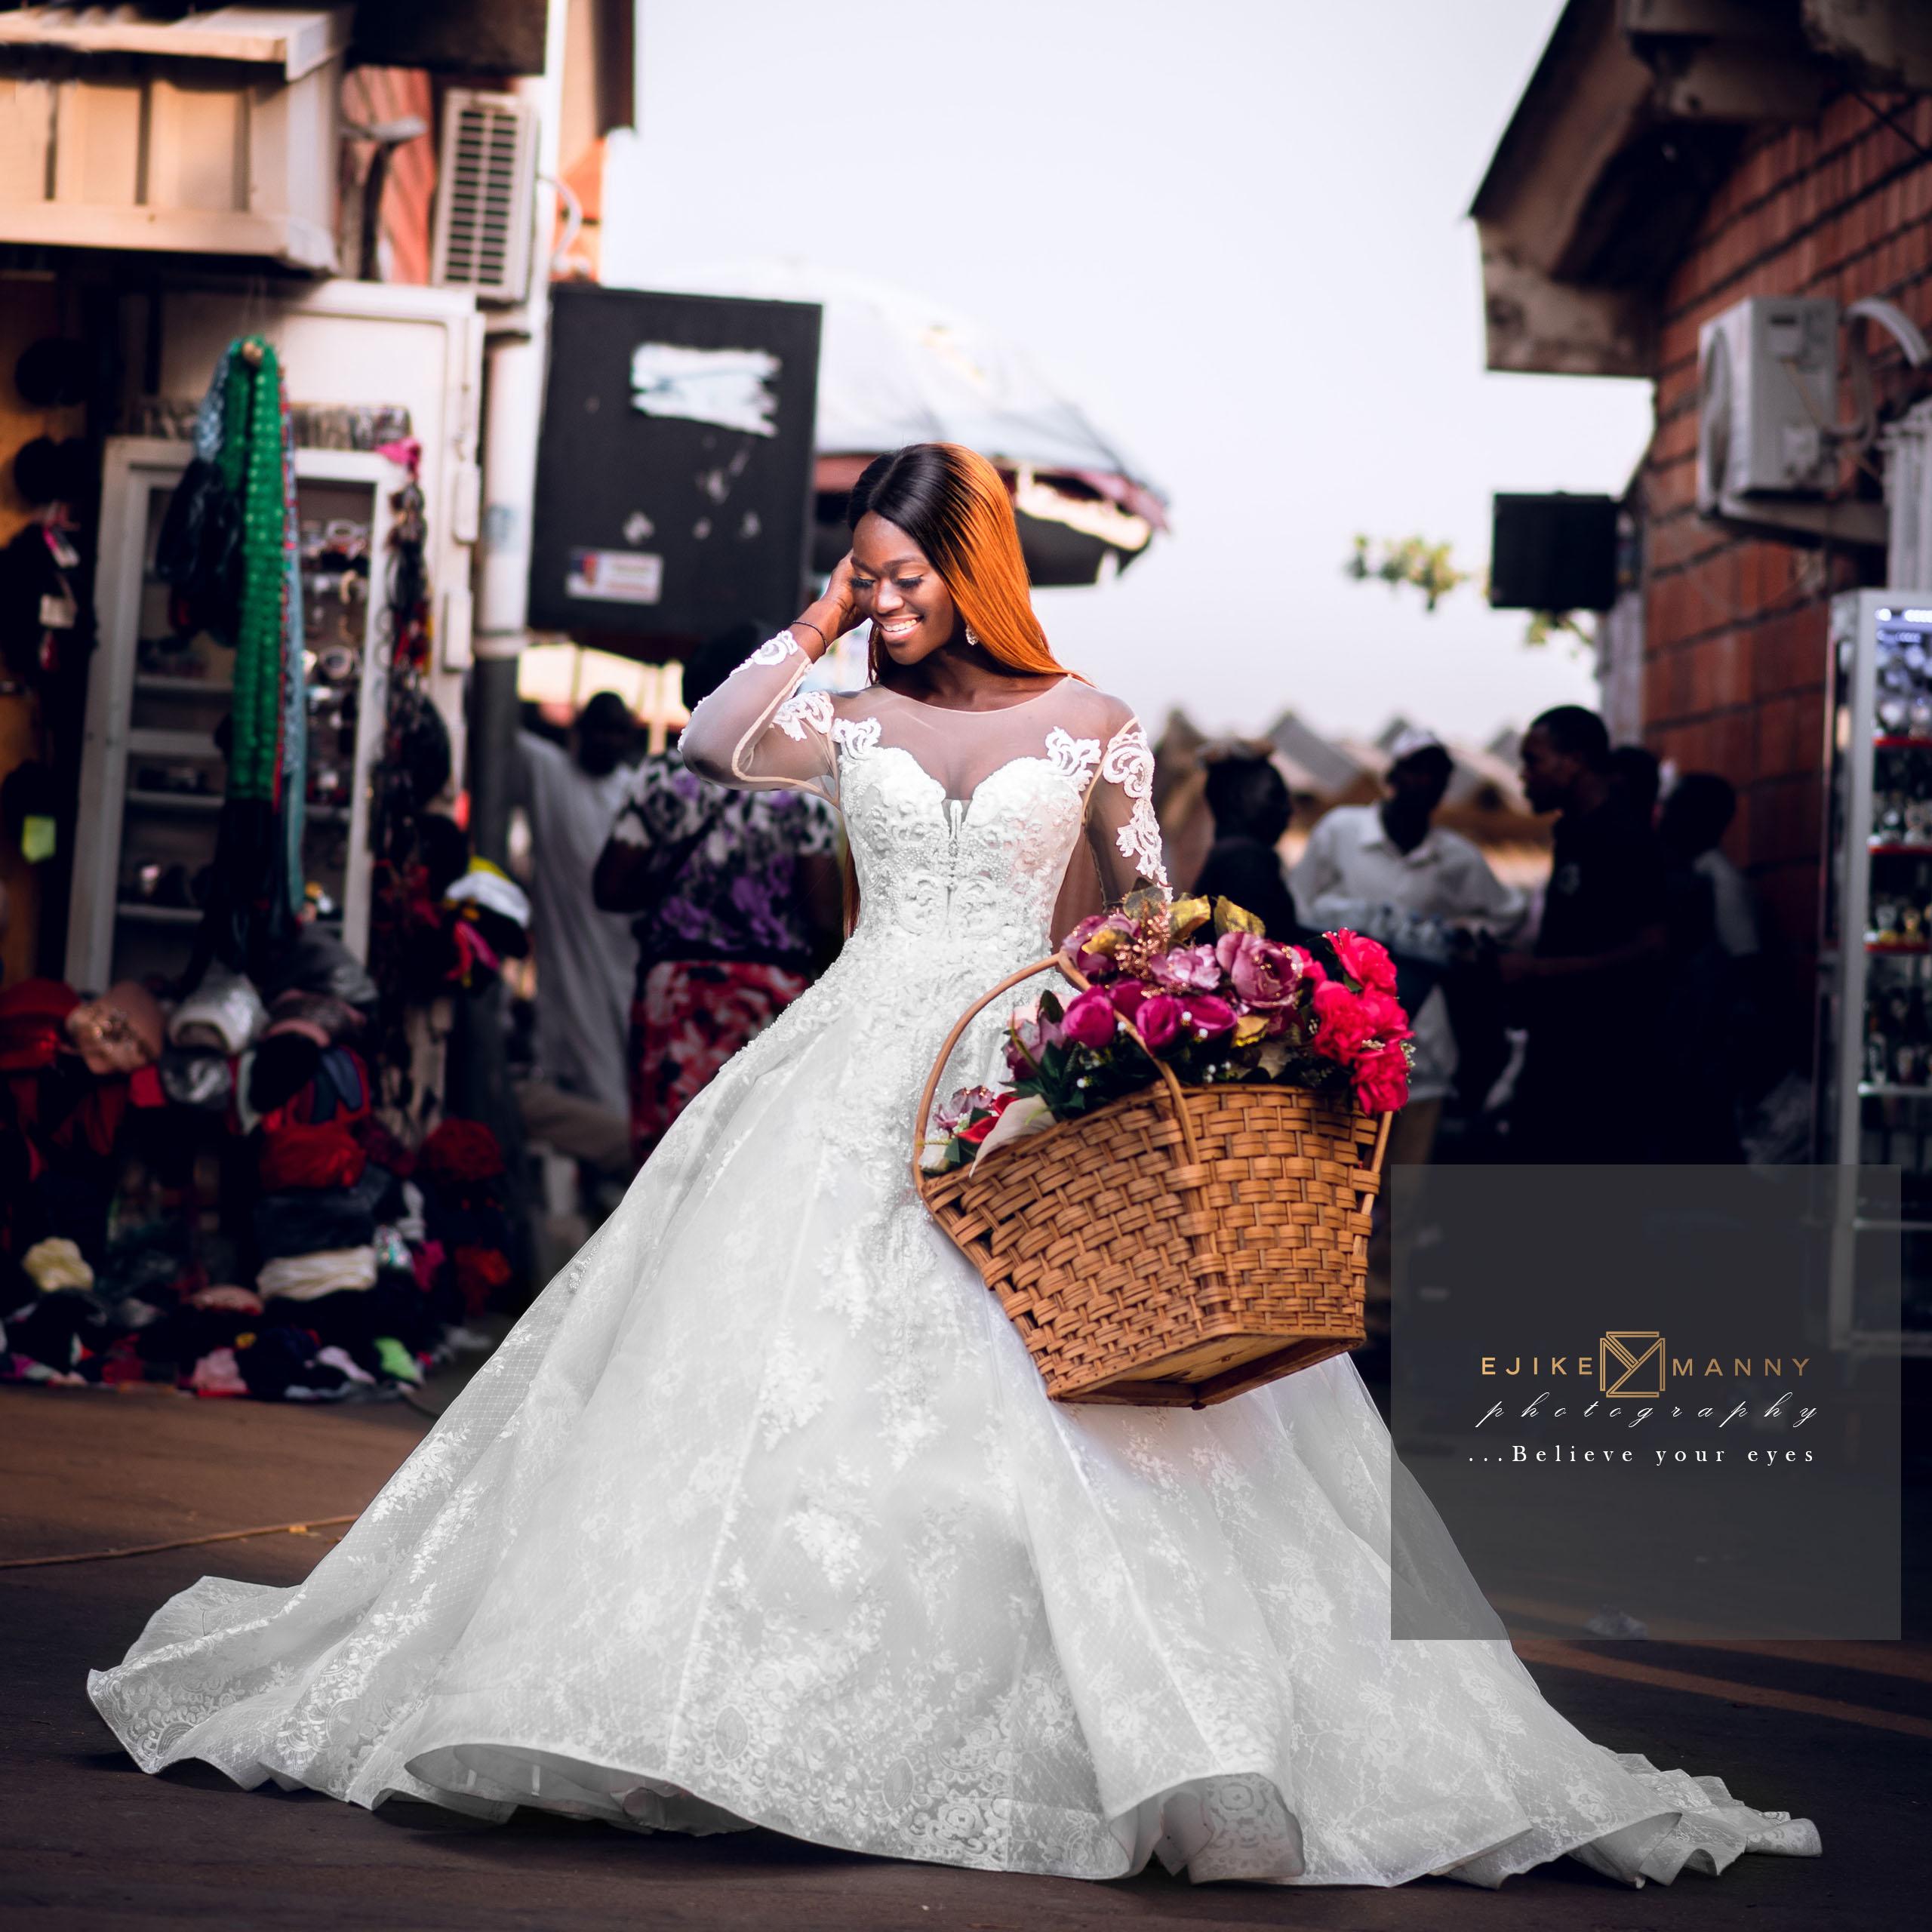 Ejike Manny Photography